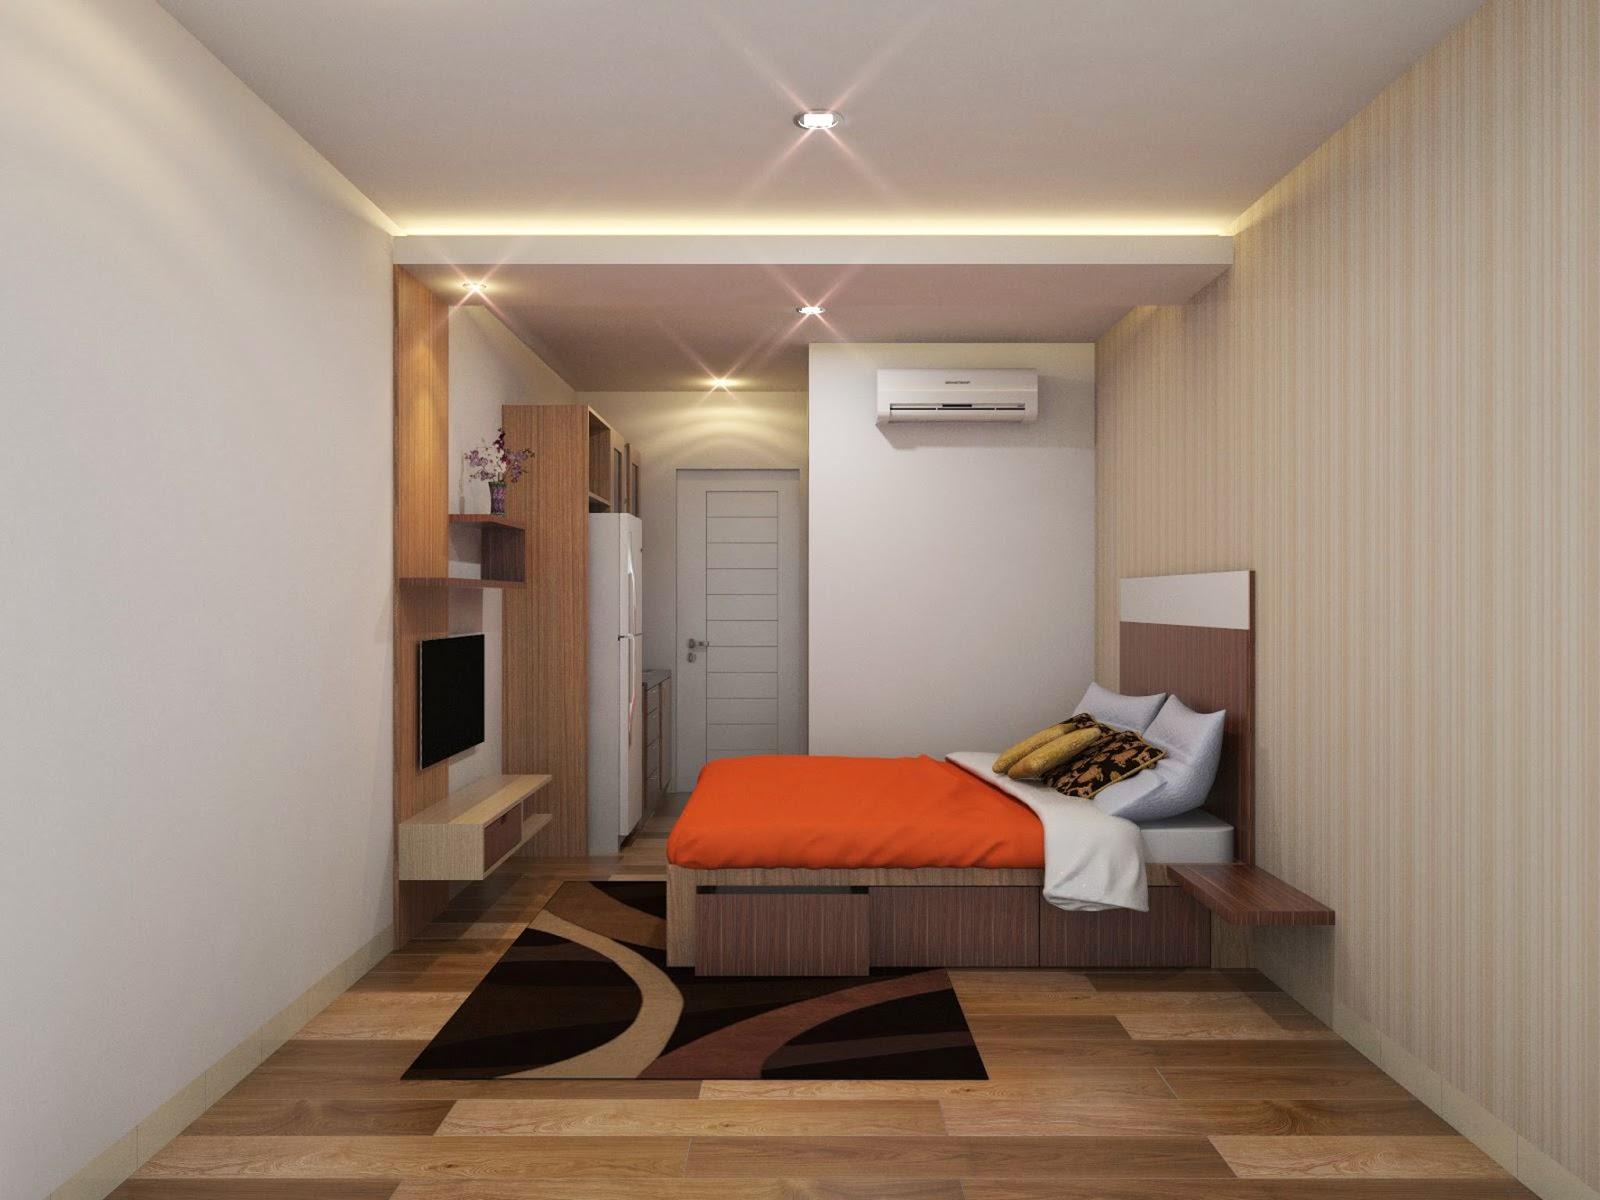 Ide Dan Trik Lengkap Desain Interior Apartemen Studio Minimalis